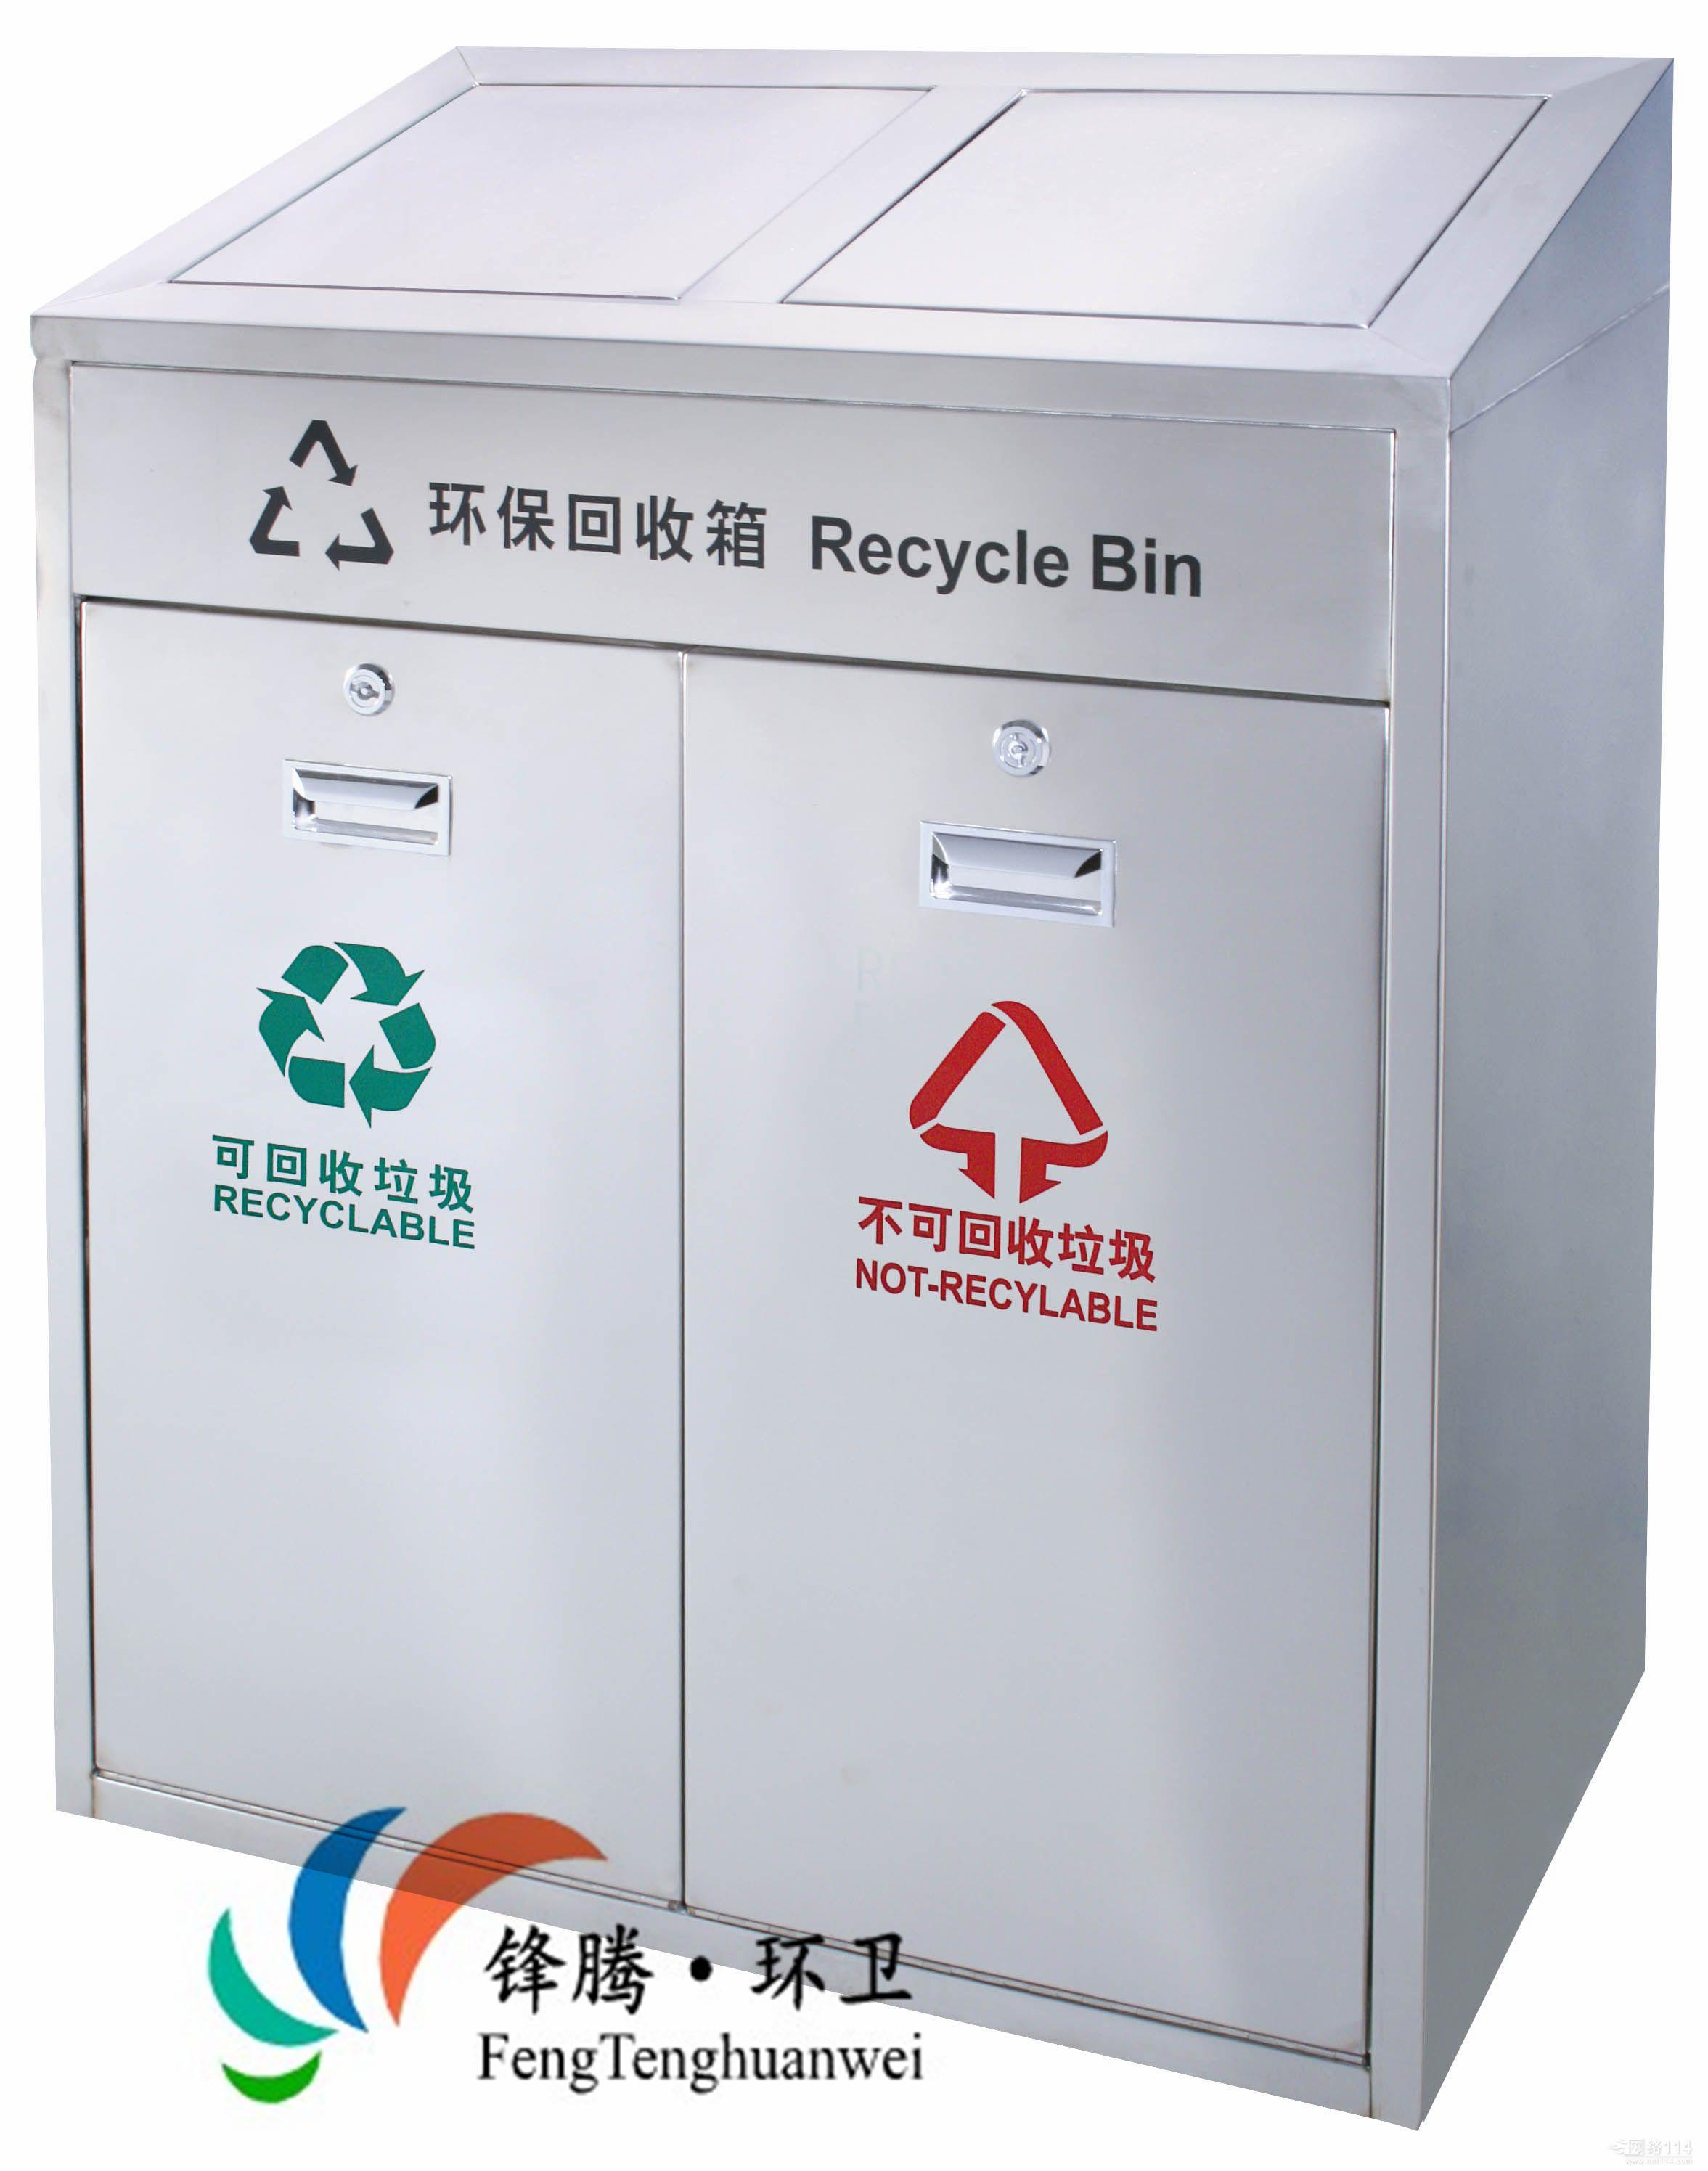 泸州垃圾桶,泸州小区,学校